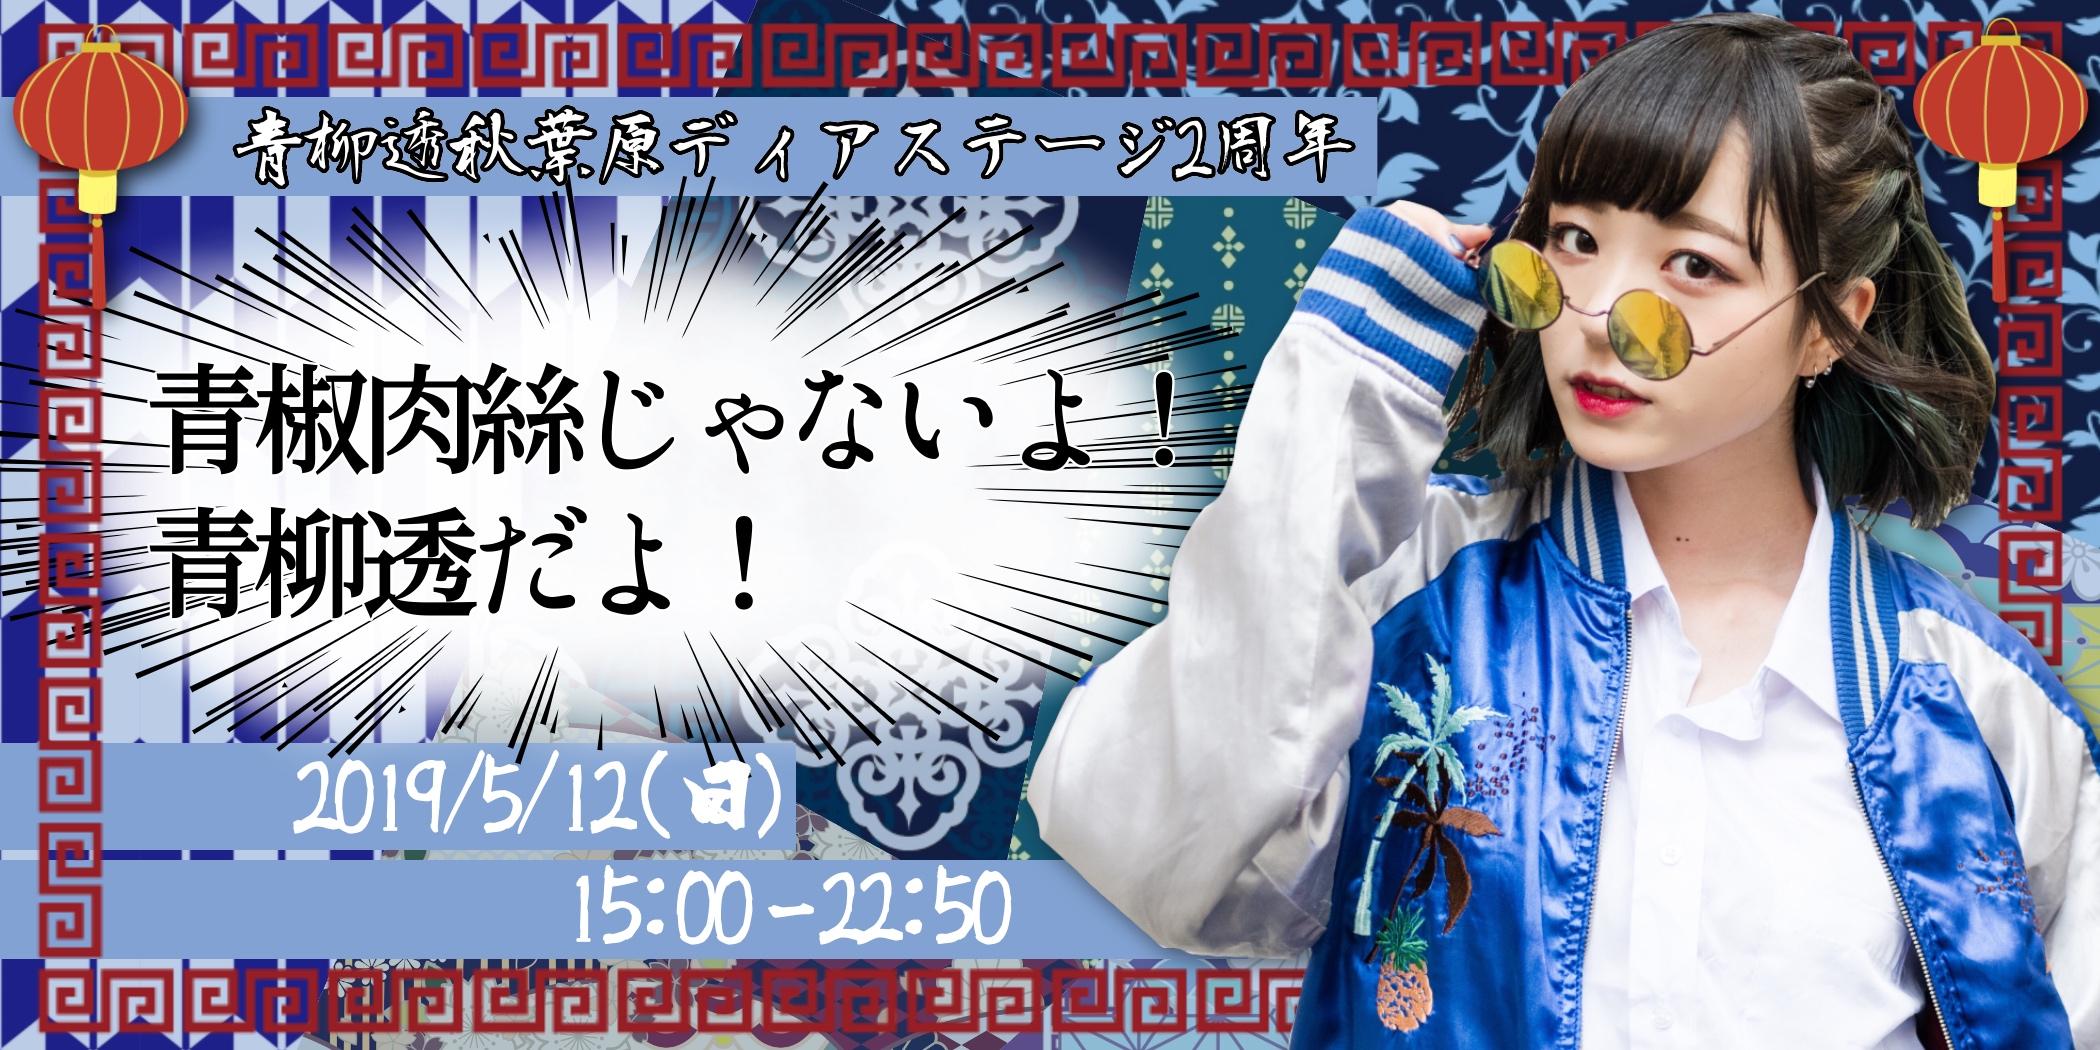 青柳透秋葉原ディアステージ2周年「青椒肉絲じゃないよ!青柳透だよ!」